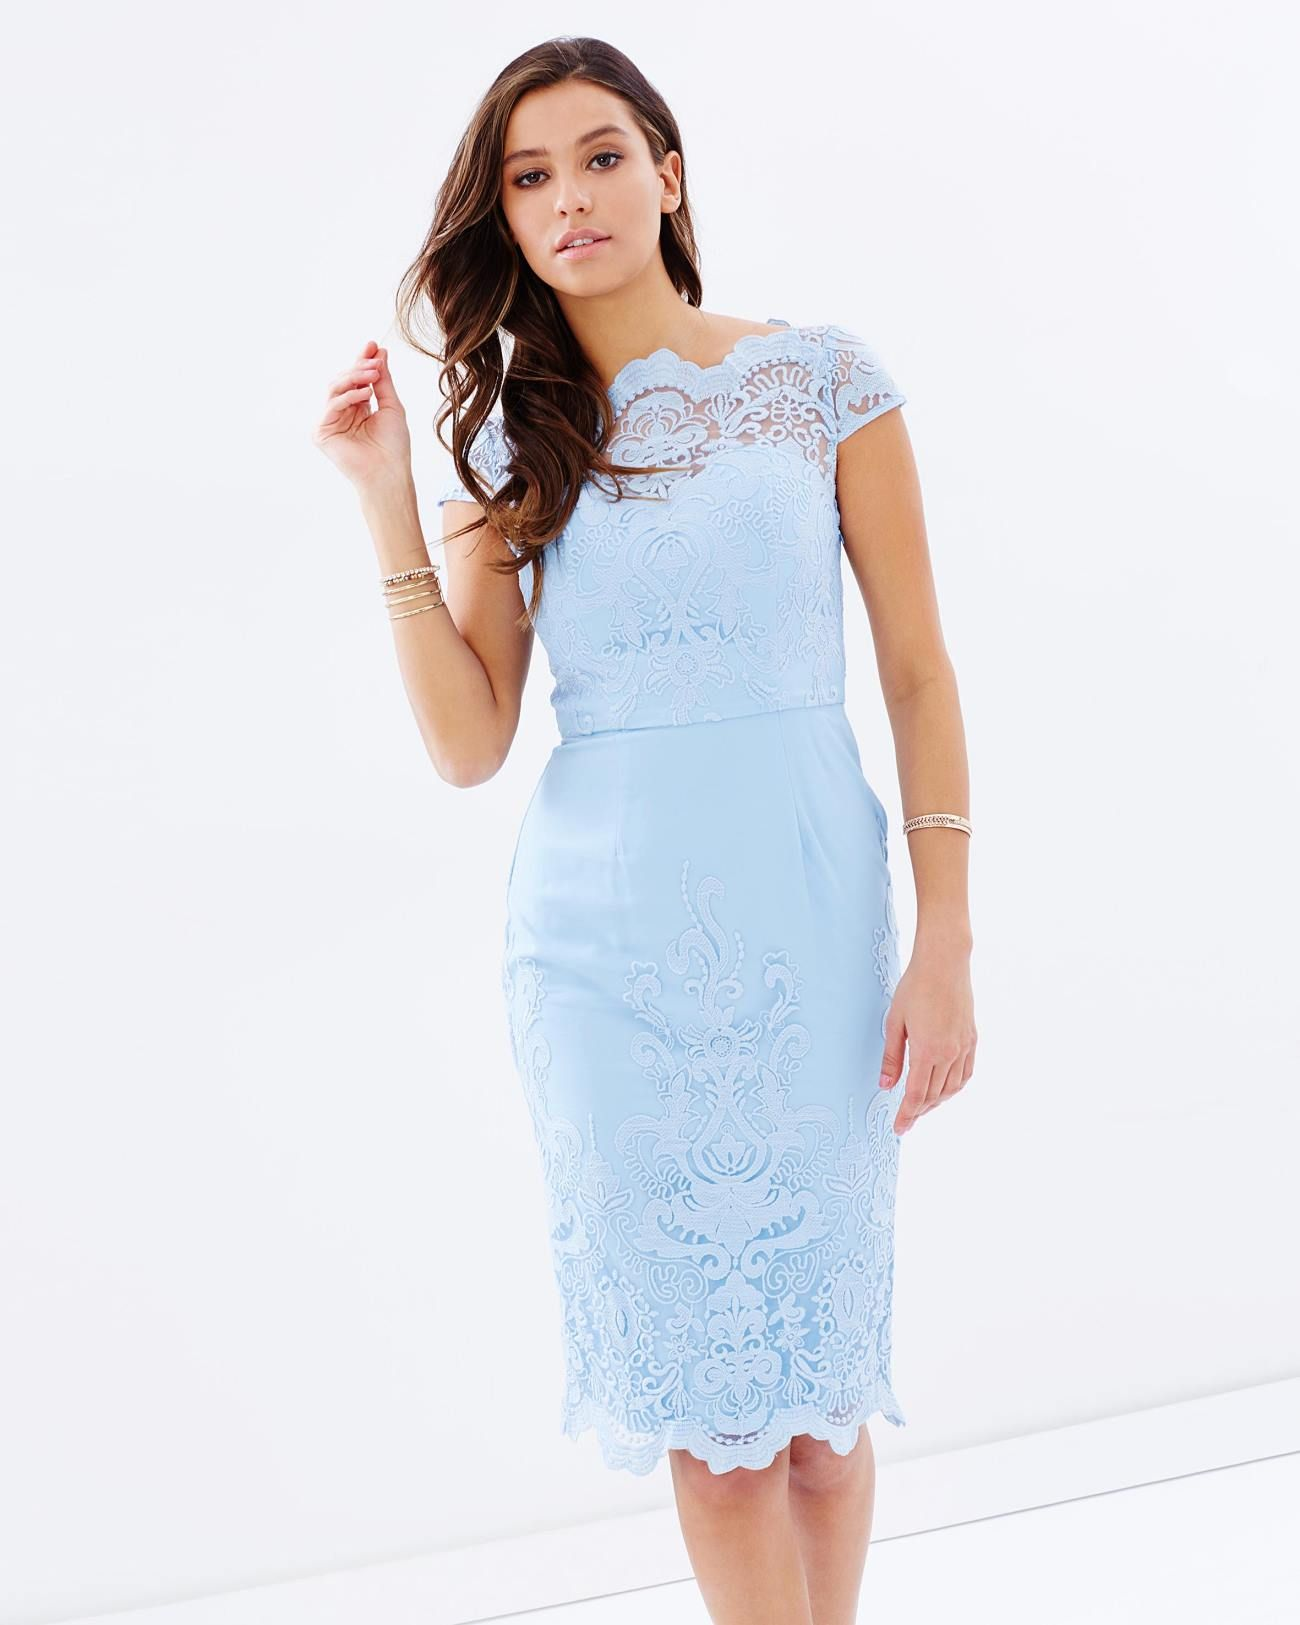 edc0b800a2 Elegancka sukienka wieczorowa chi chi london na wesele